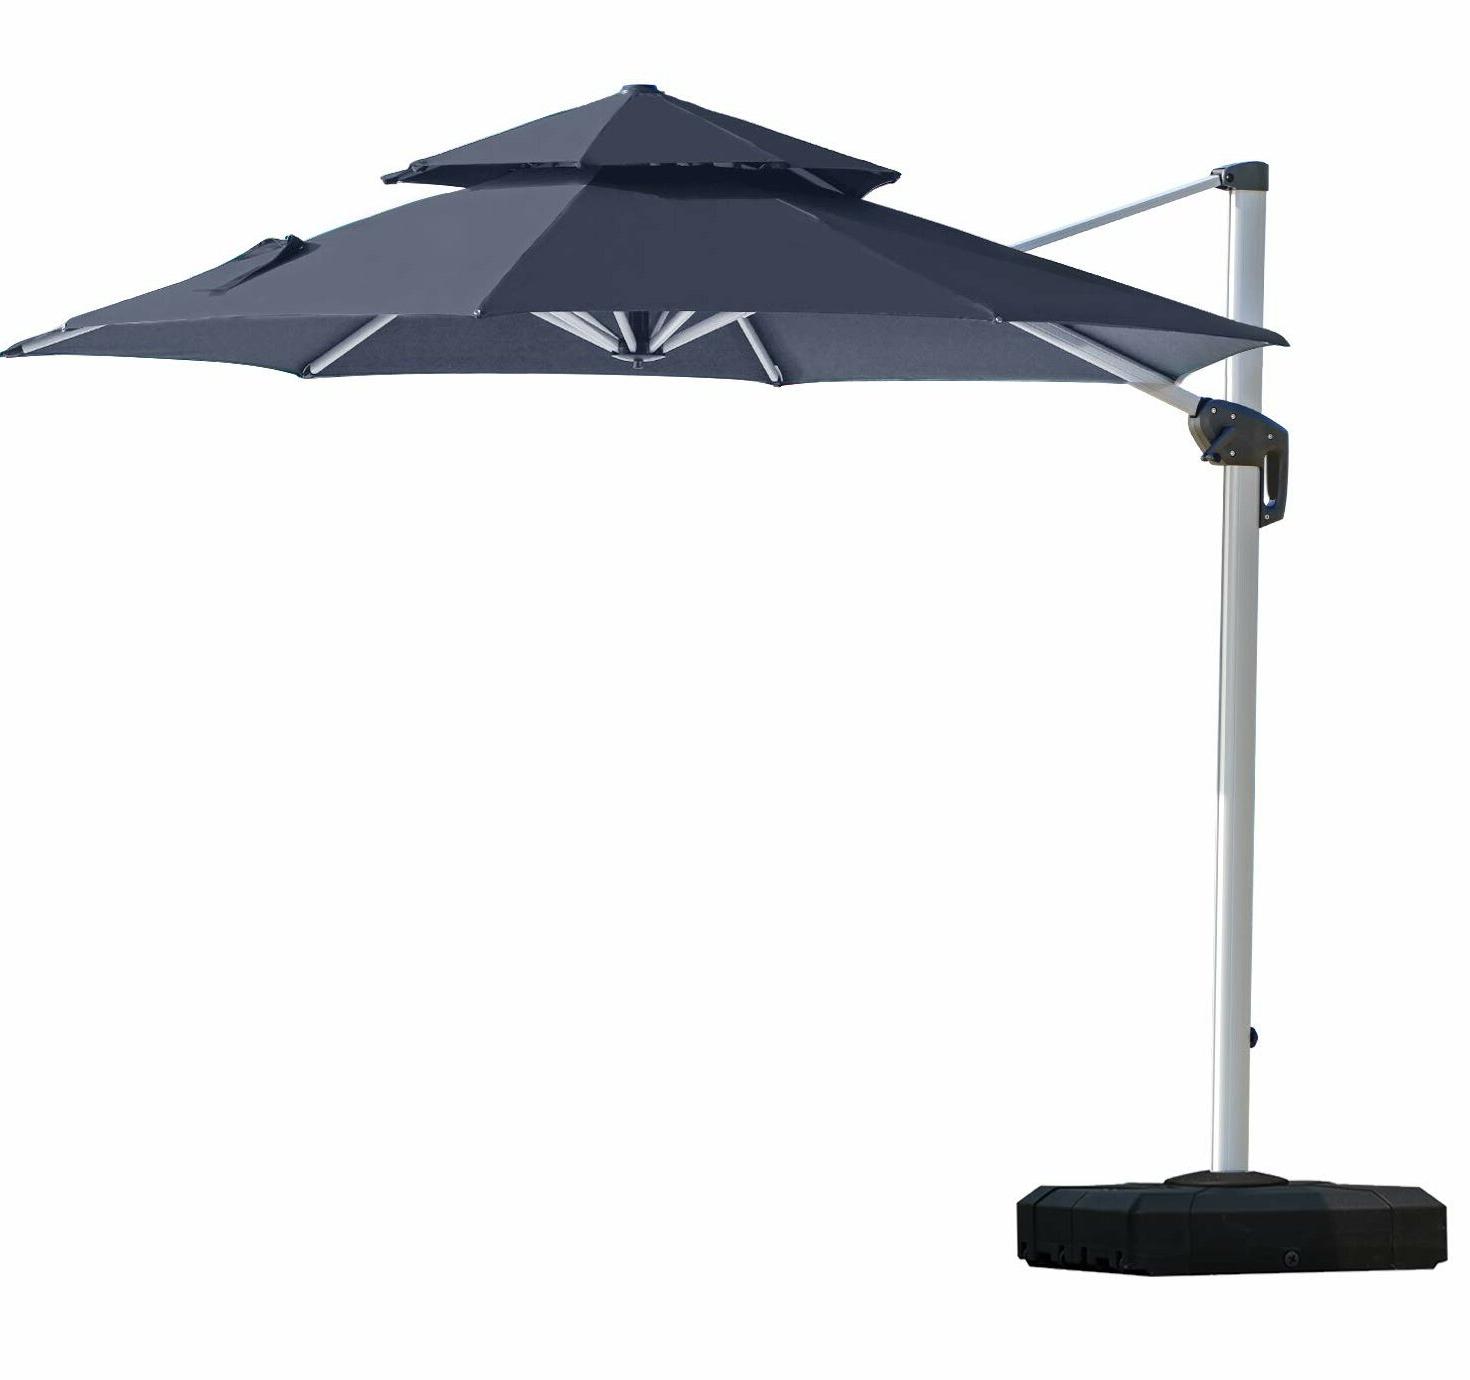 Lytham 10' Cantilever Umbrella Pertaining To Popular Voss Cantilever Sunbrella Umbrellas (View 10 of 20)